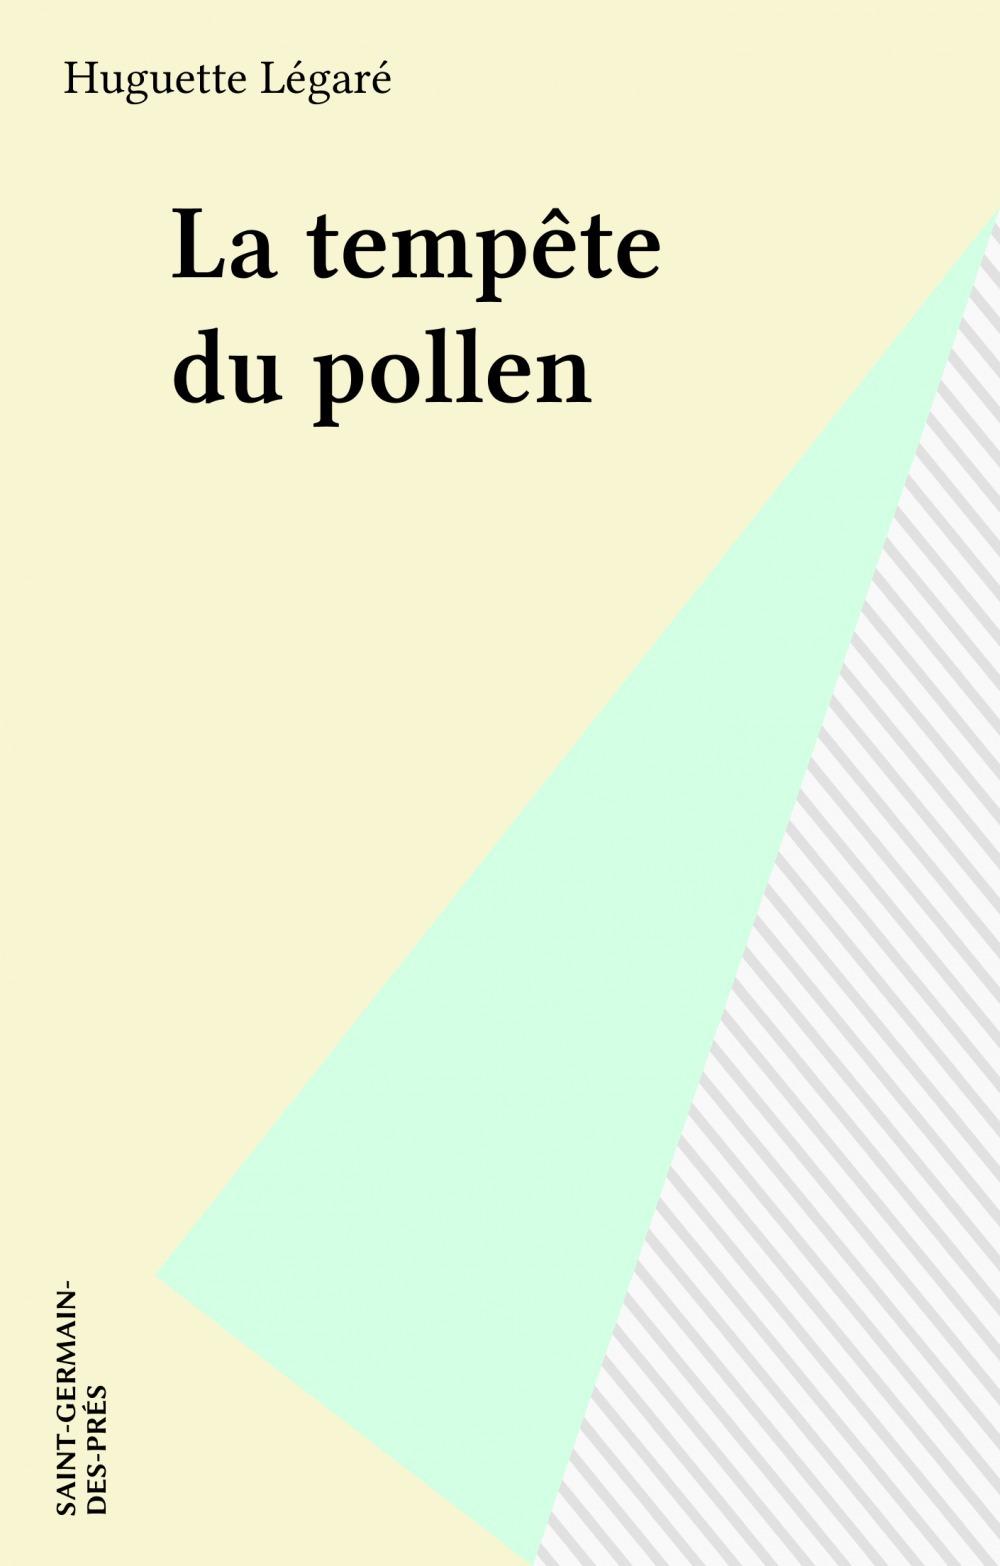 La tempête du pollen